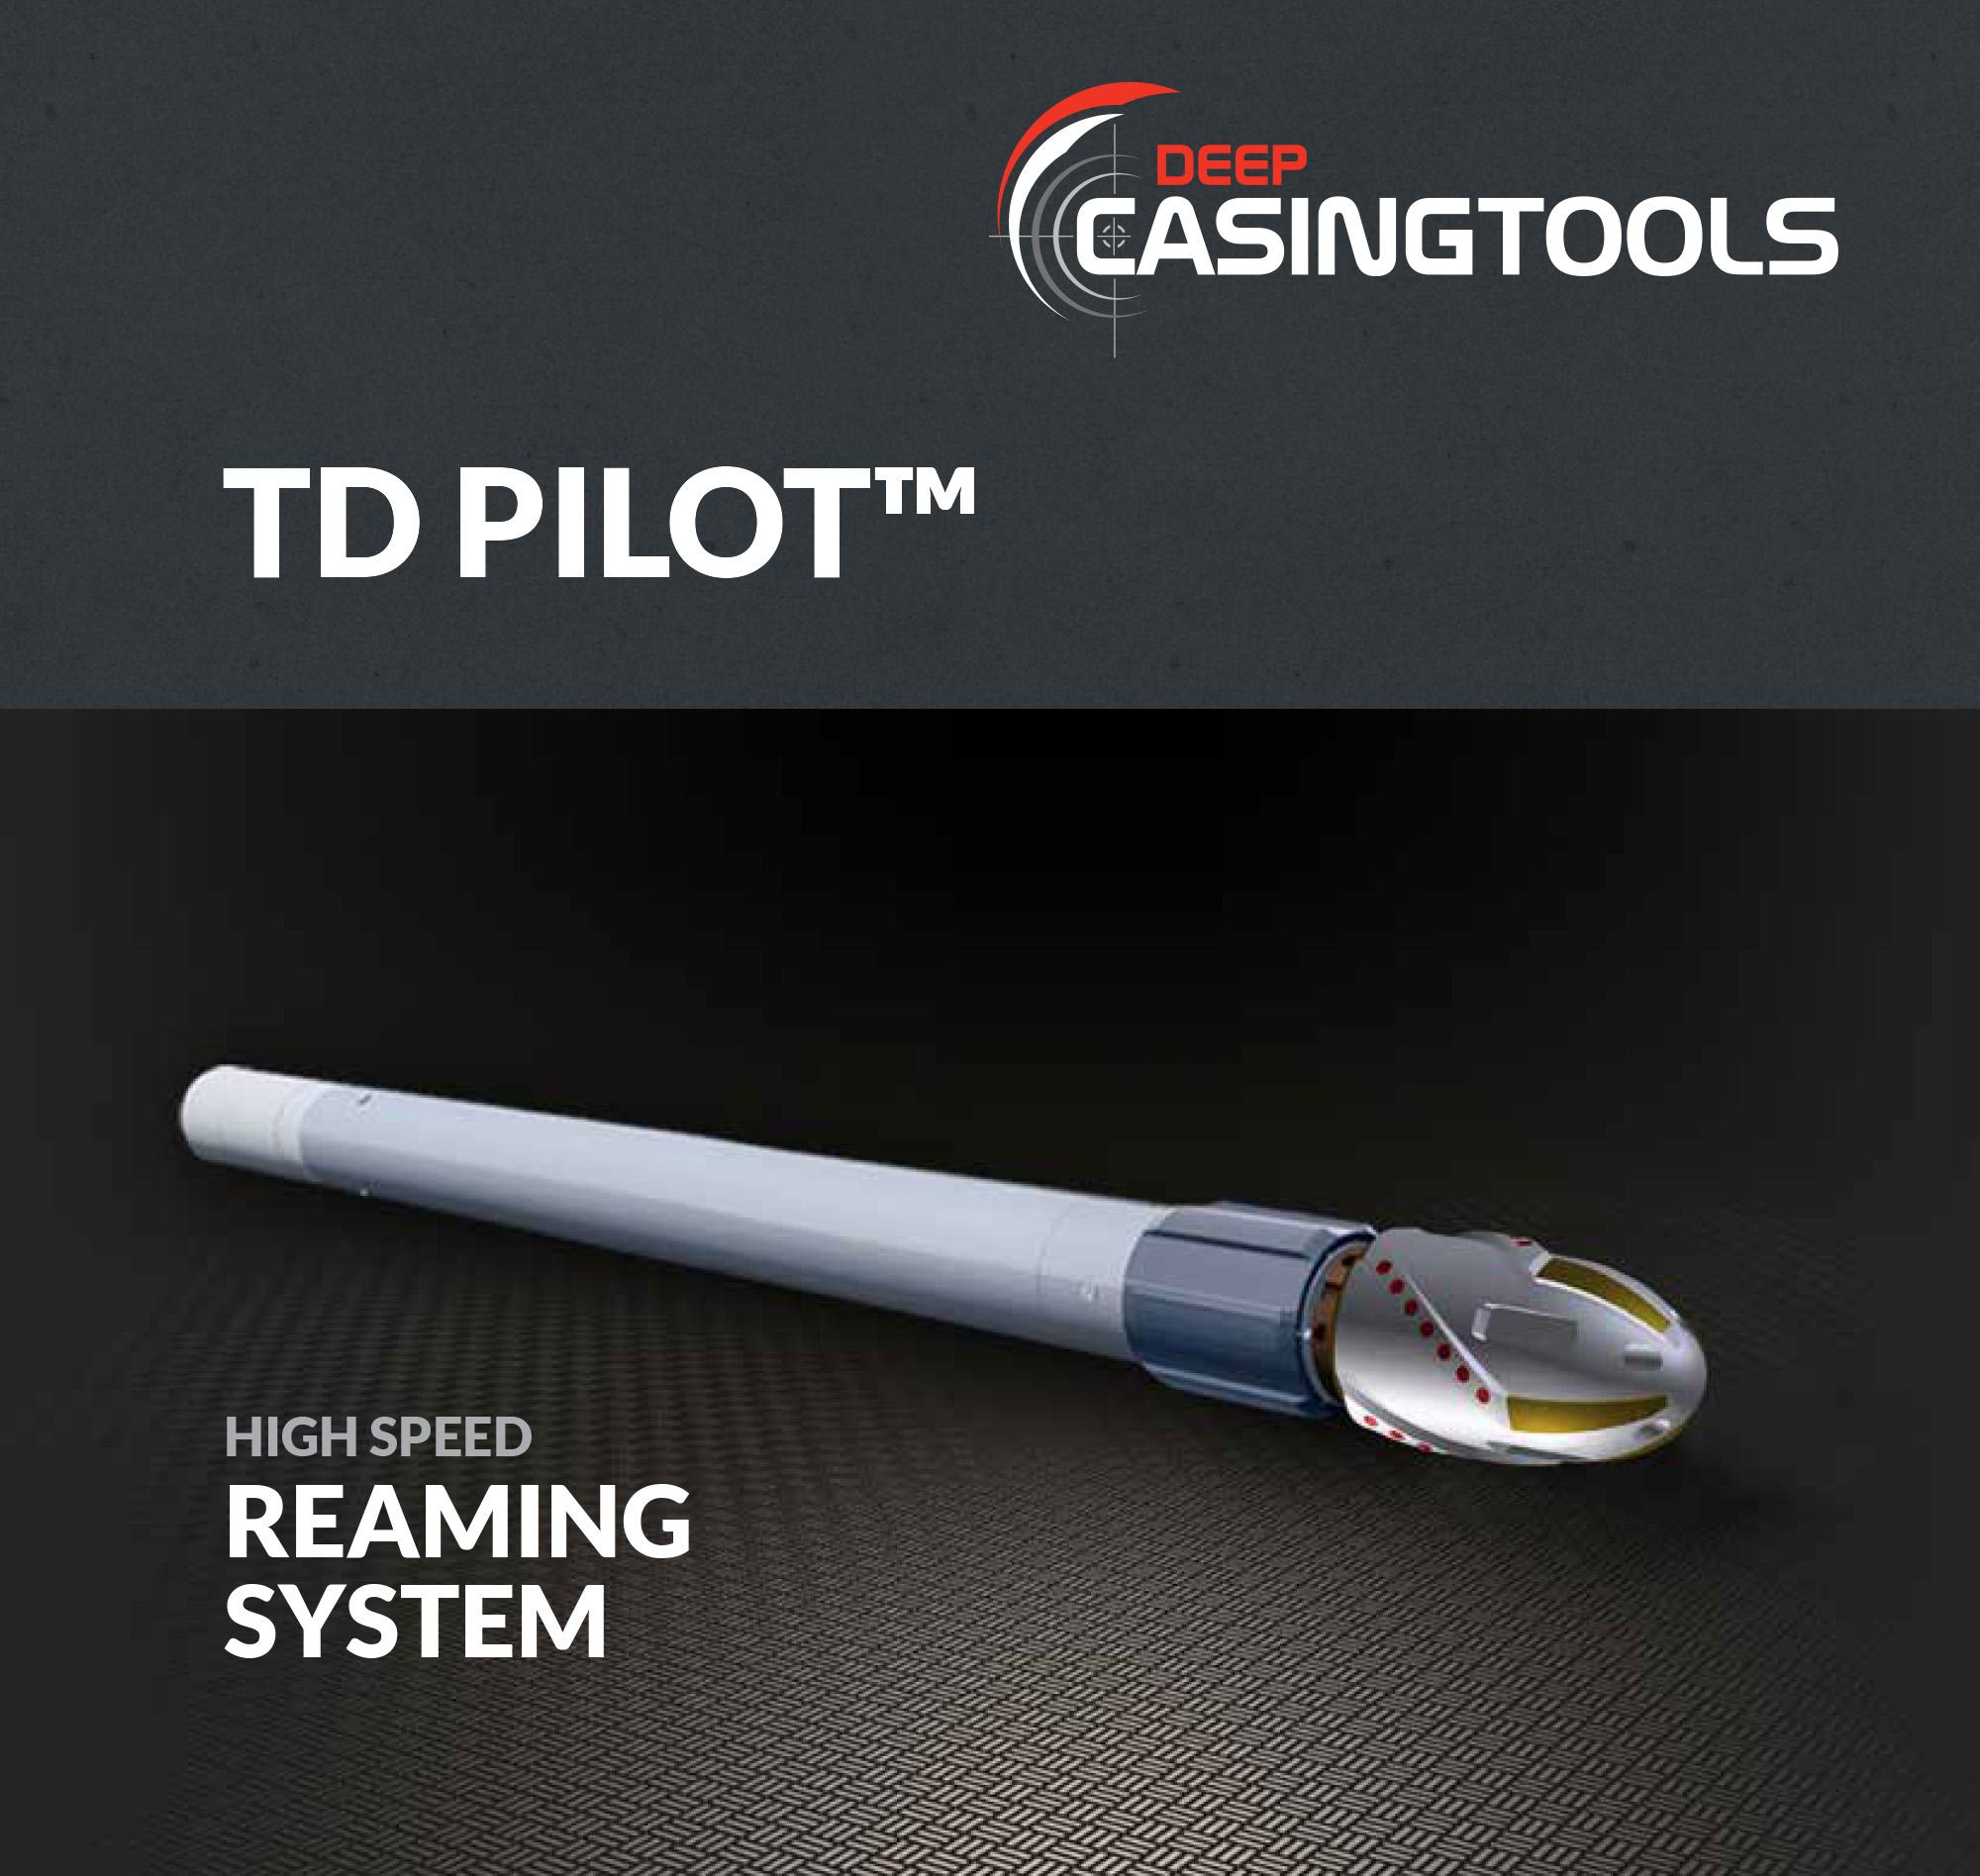 Deep Casing TD Pilot-top